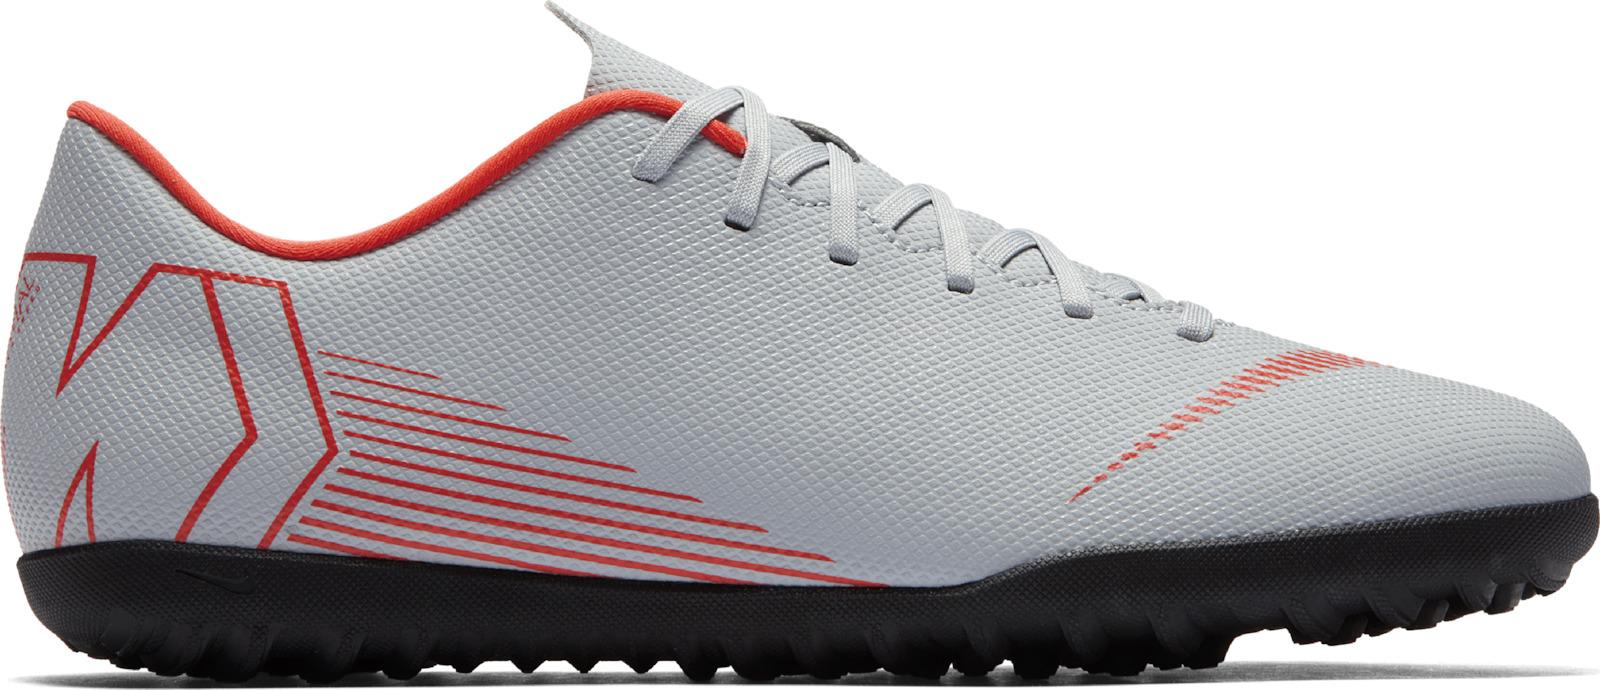 Προσθήκη στα αγαπημένα menu Nike Vaporx 12 Club TF AH7386-060 28a8d276aa